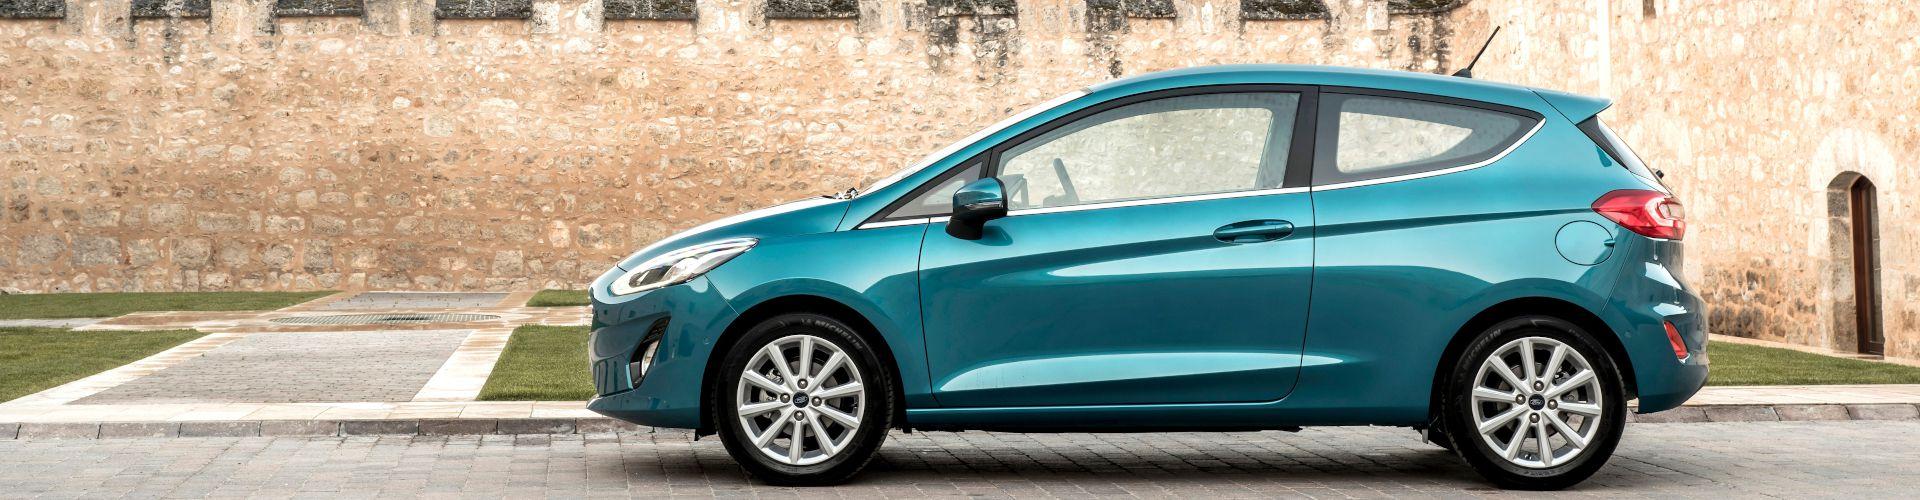 Ford Fiesta Titanium - Α. Λιάπης Αντιπροσωπεία